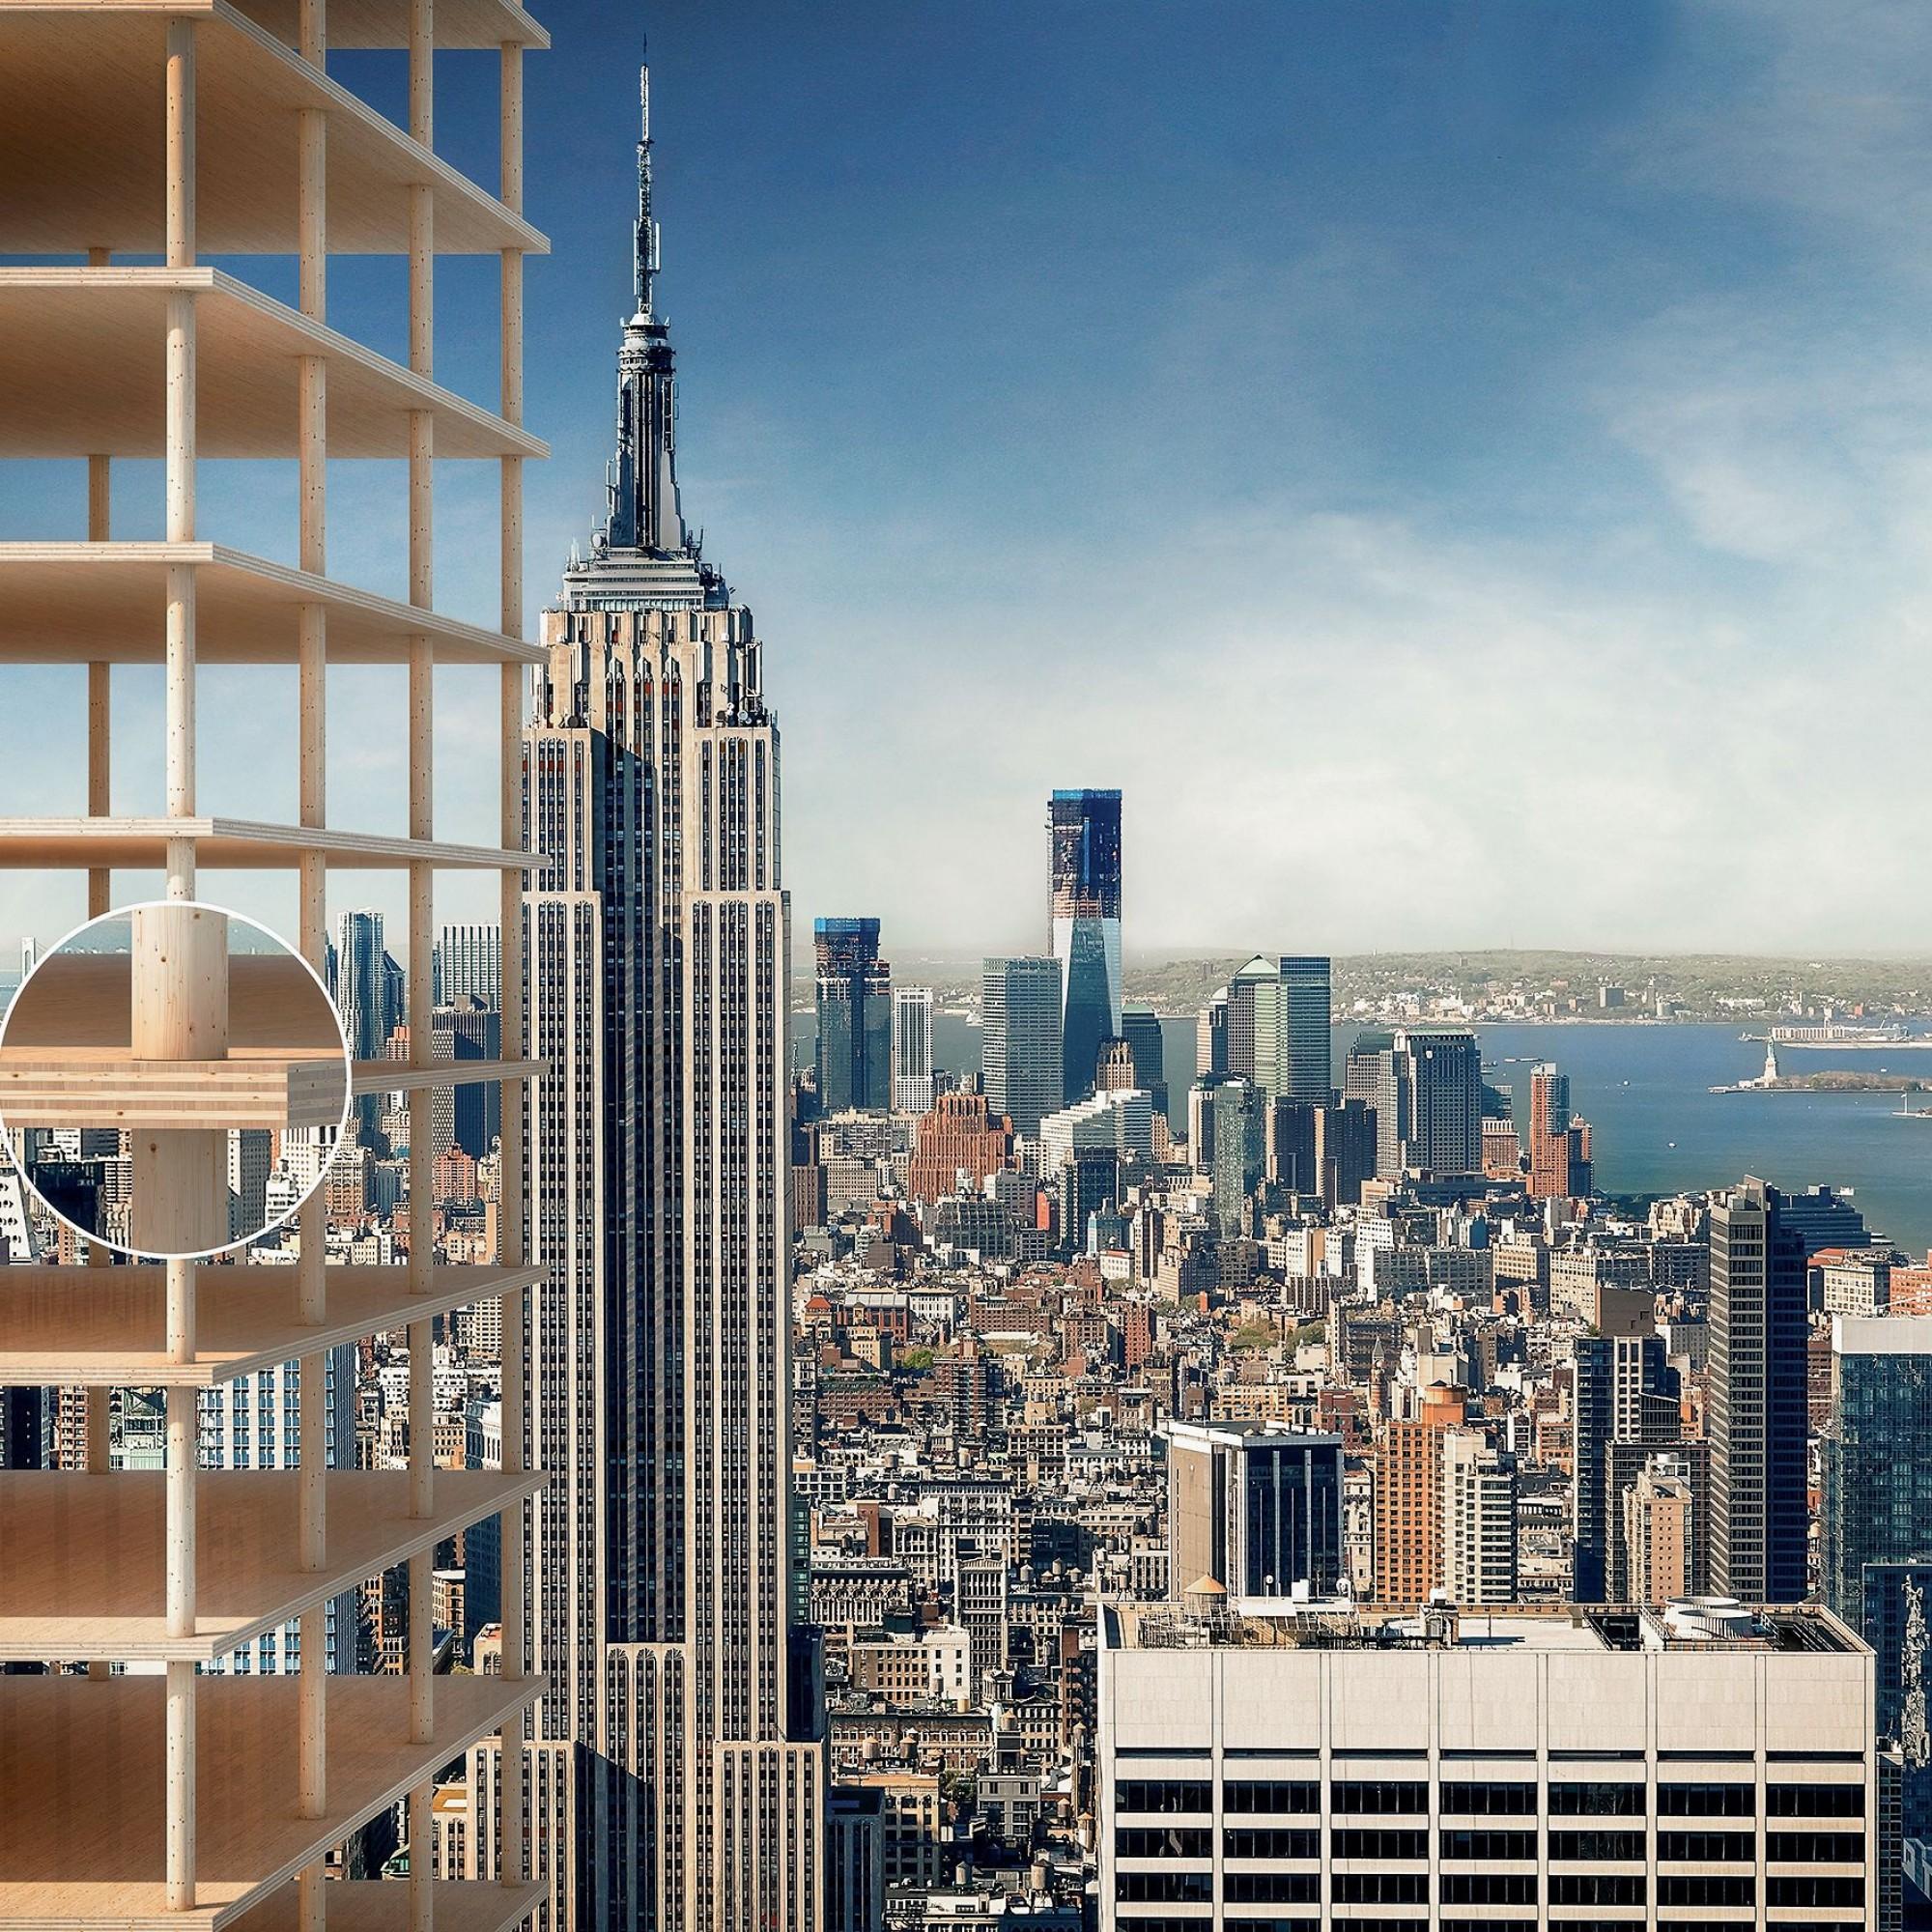 Sogar Hochhäuser aus Holz sind mit der neuartigen TS3-Technologie möglich. Die vertikalen Lasten werden direkt auf die Stütze abgeleitet.